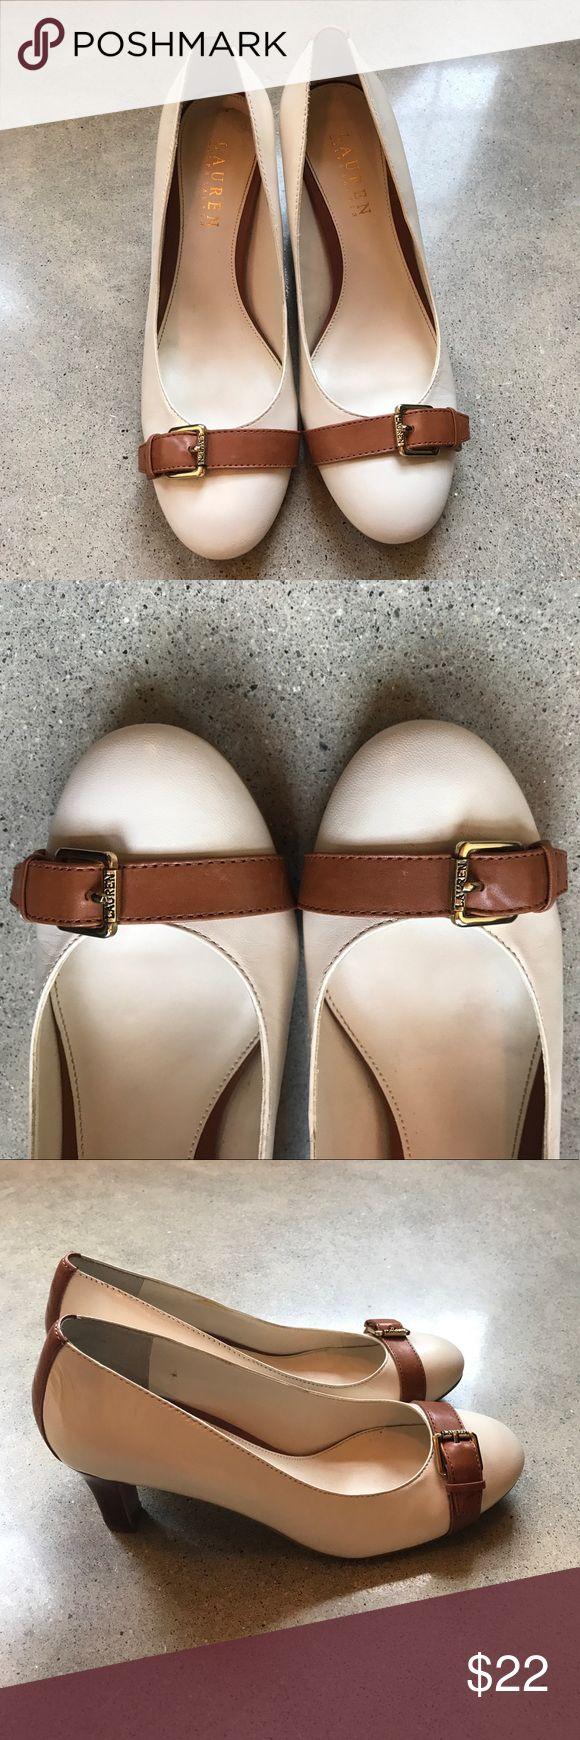 Ralph Lauren Heels Gently worn, great condition! Cream heels with tan buckle at toe. Size 7B. Lauren Ralph Lauren Shoes Heels